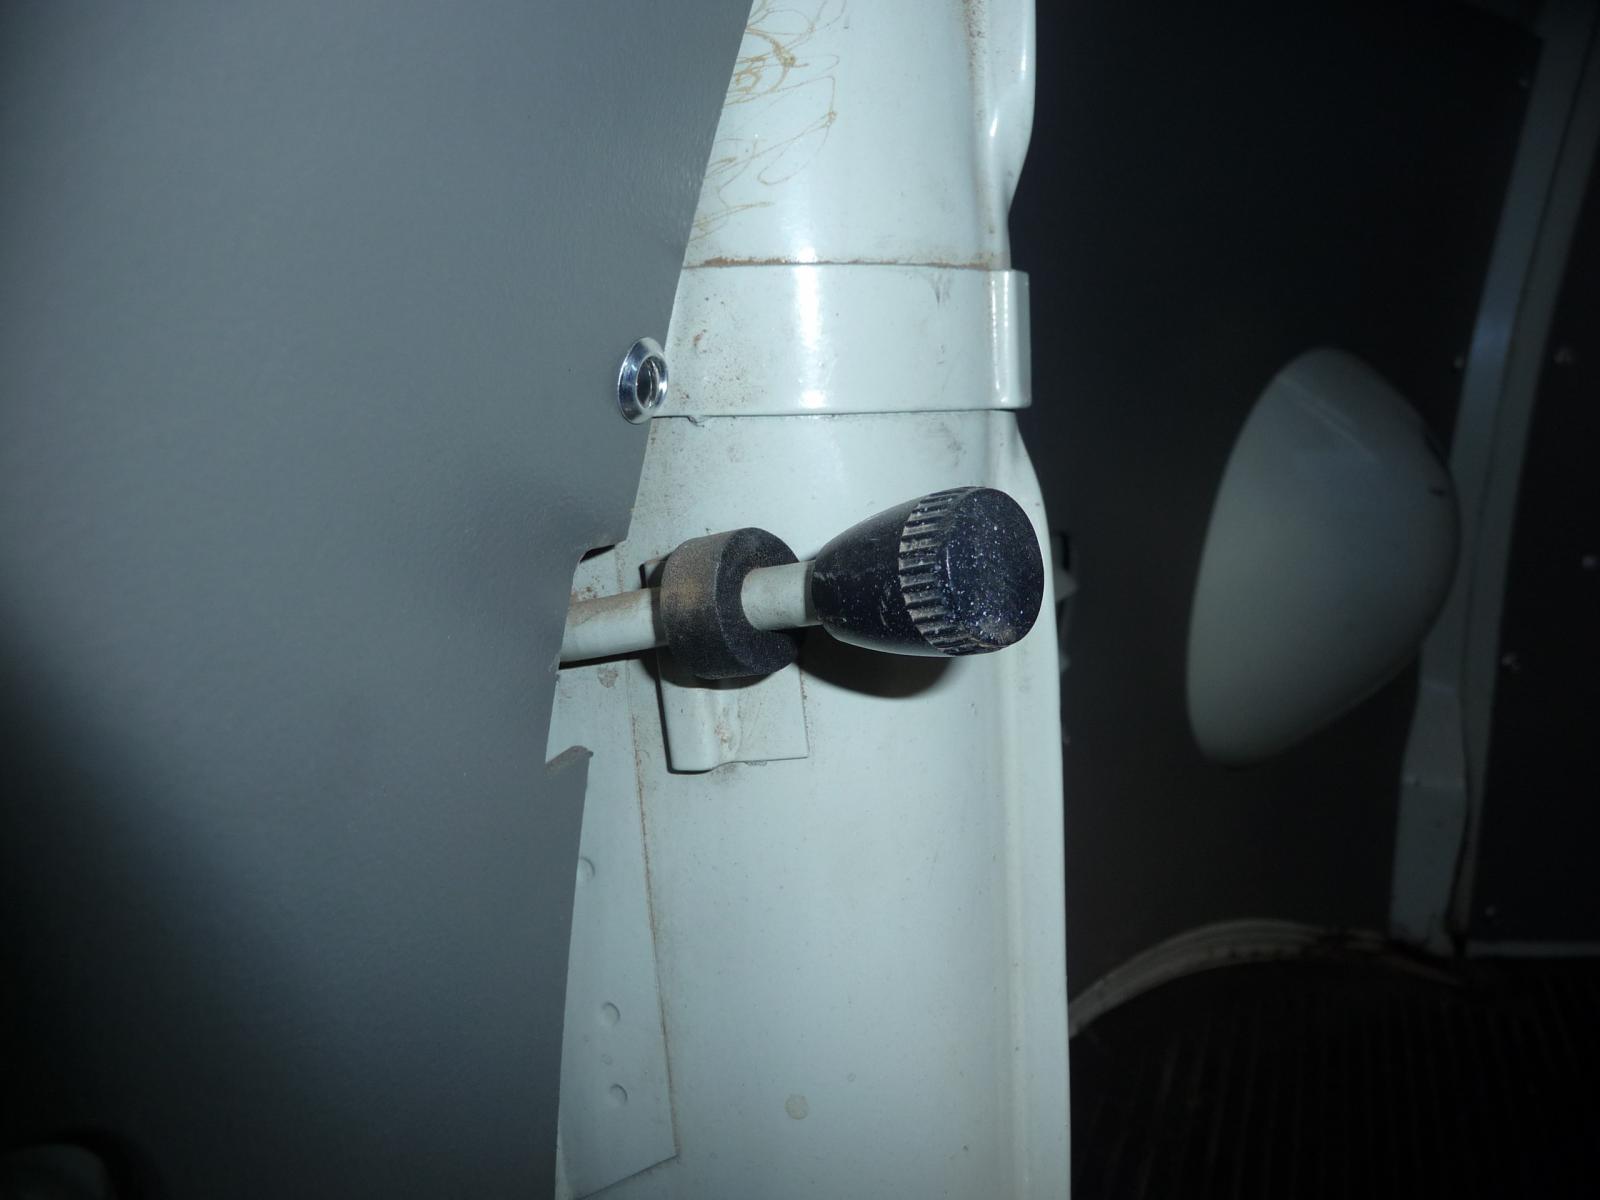 Heat deflector knob